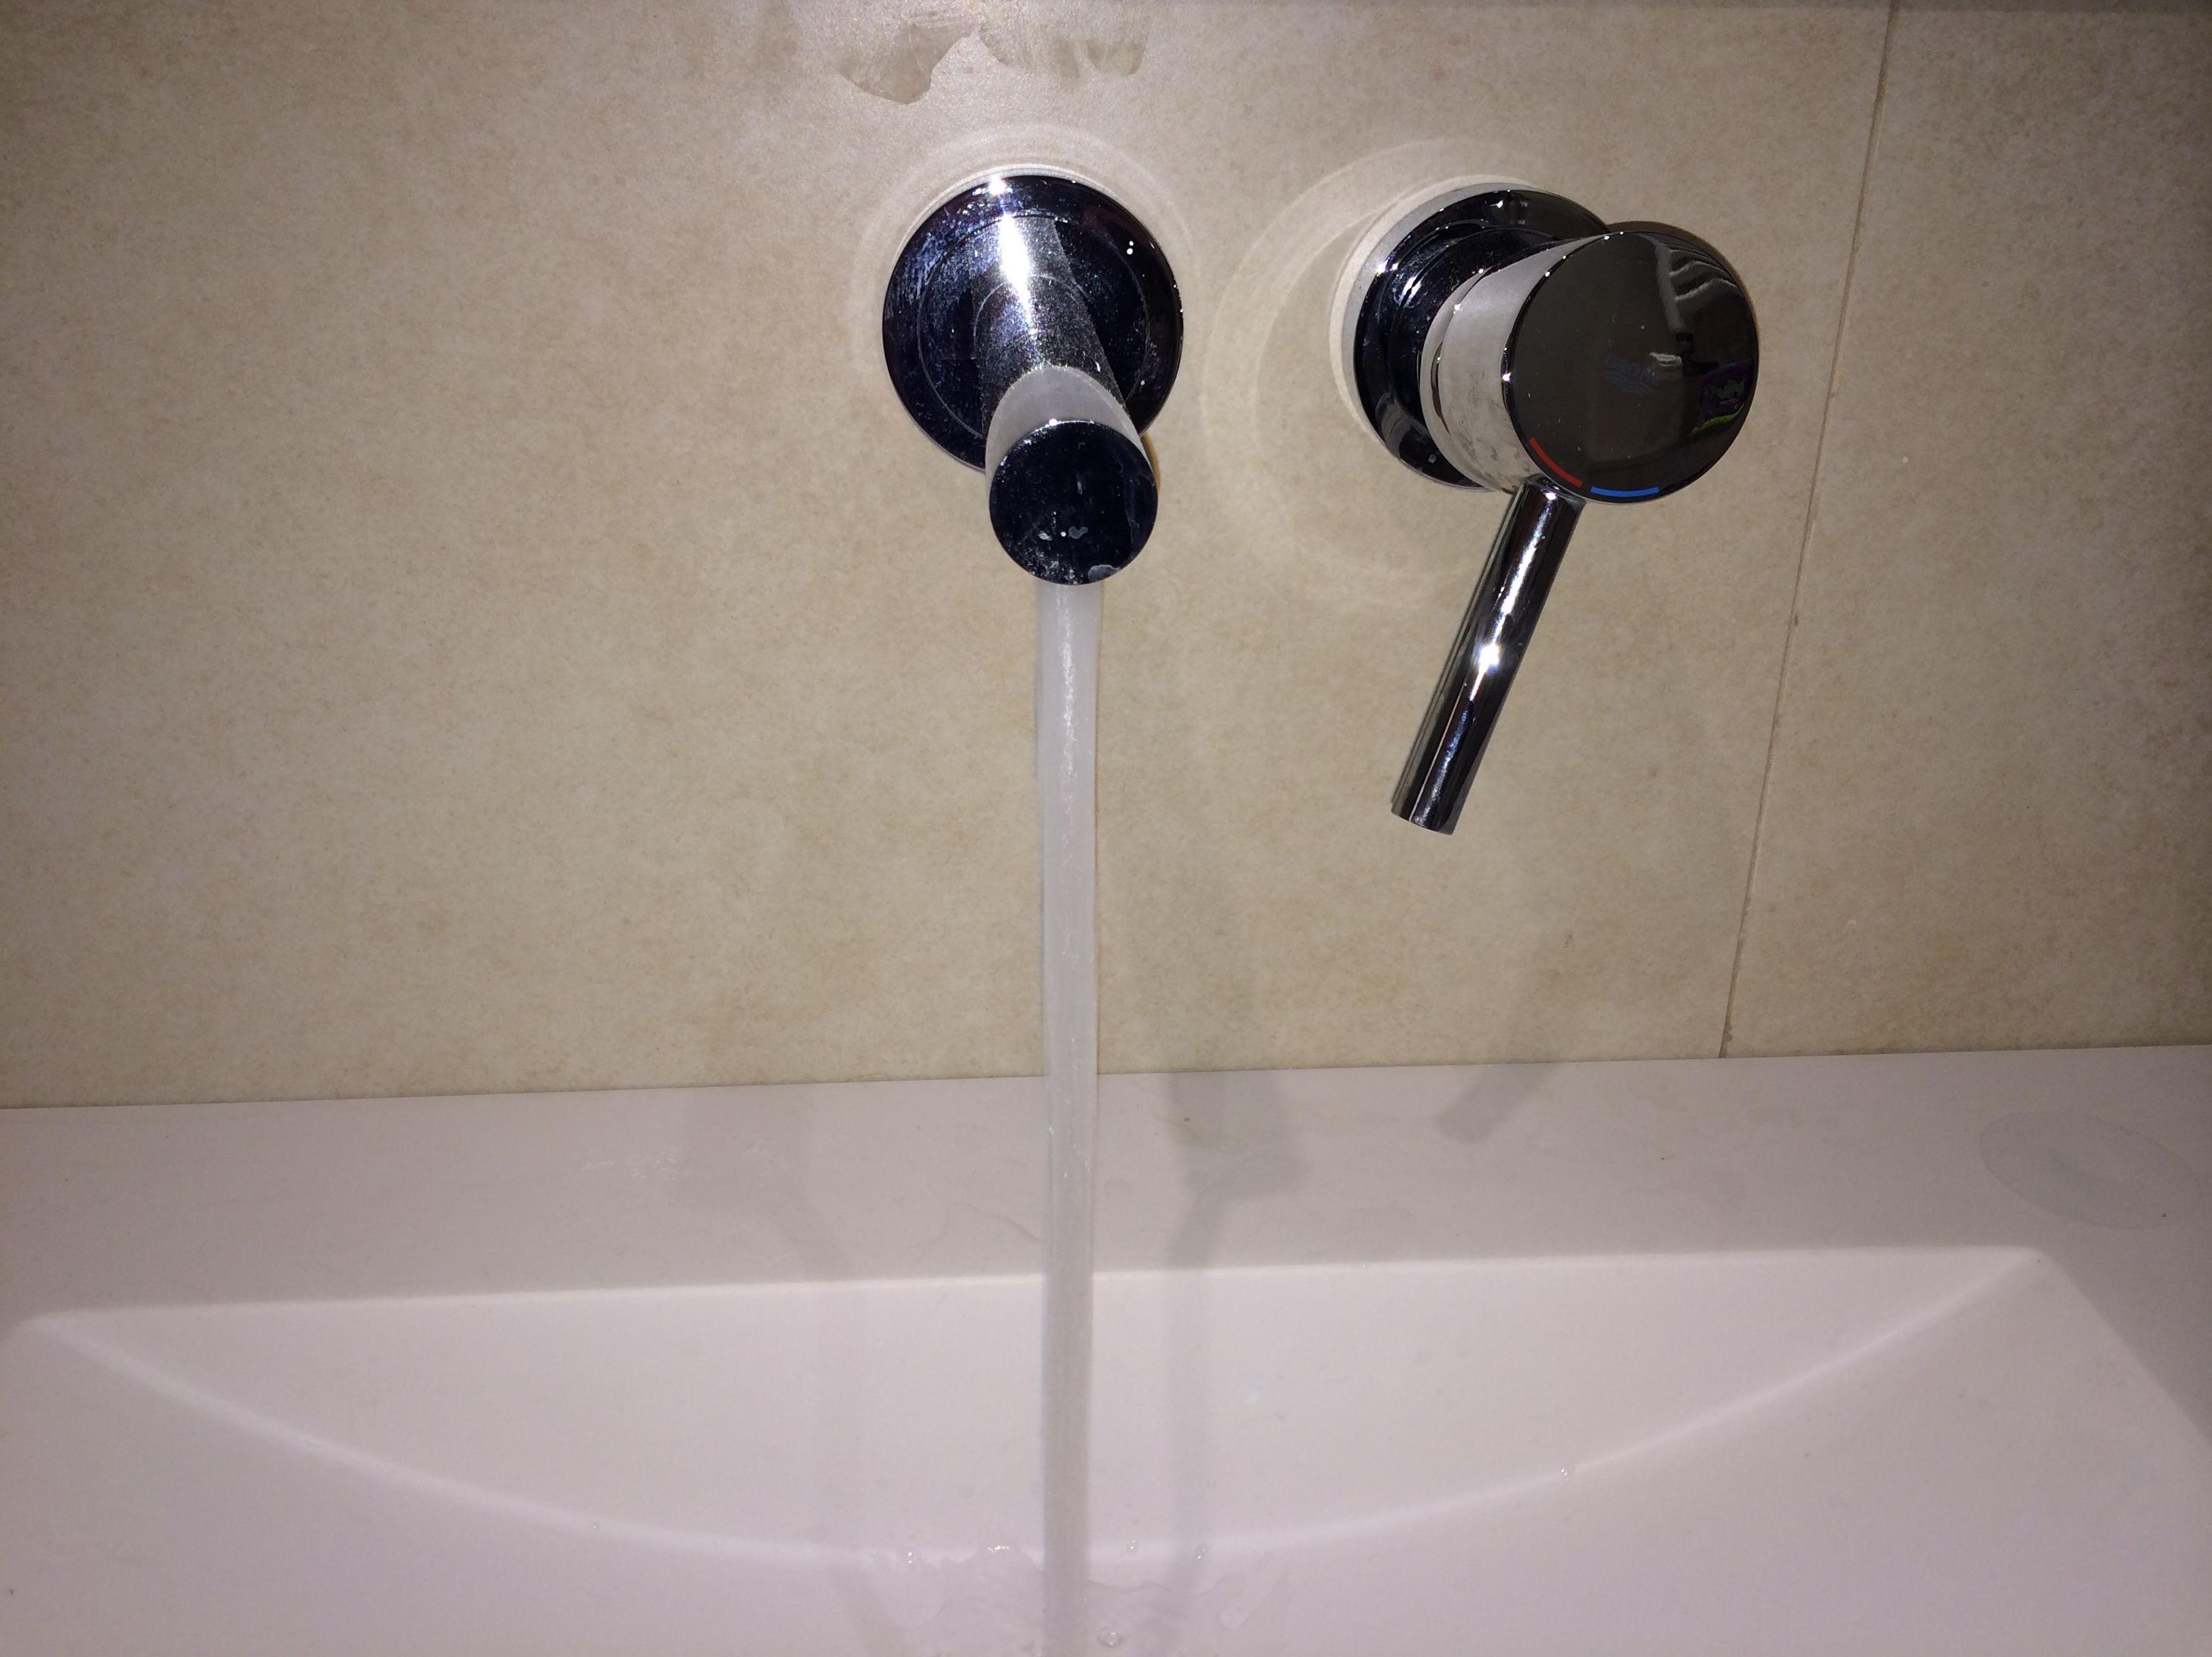 Instalaci n de grifos para ba o y ducha servicios y - Grifos de bano ...